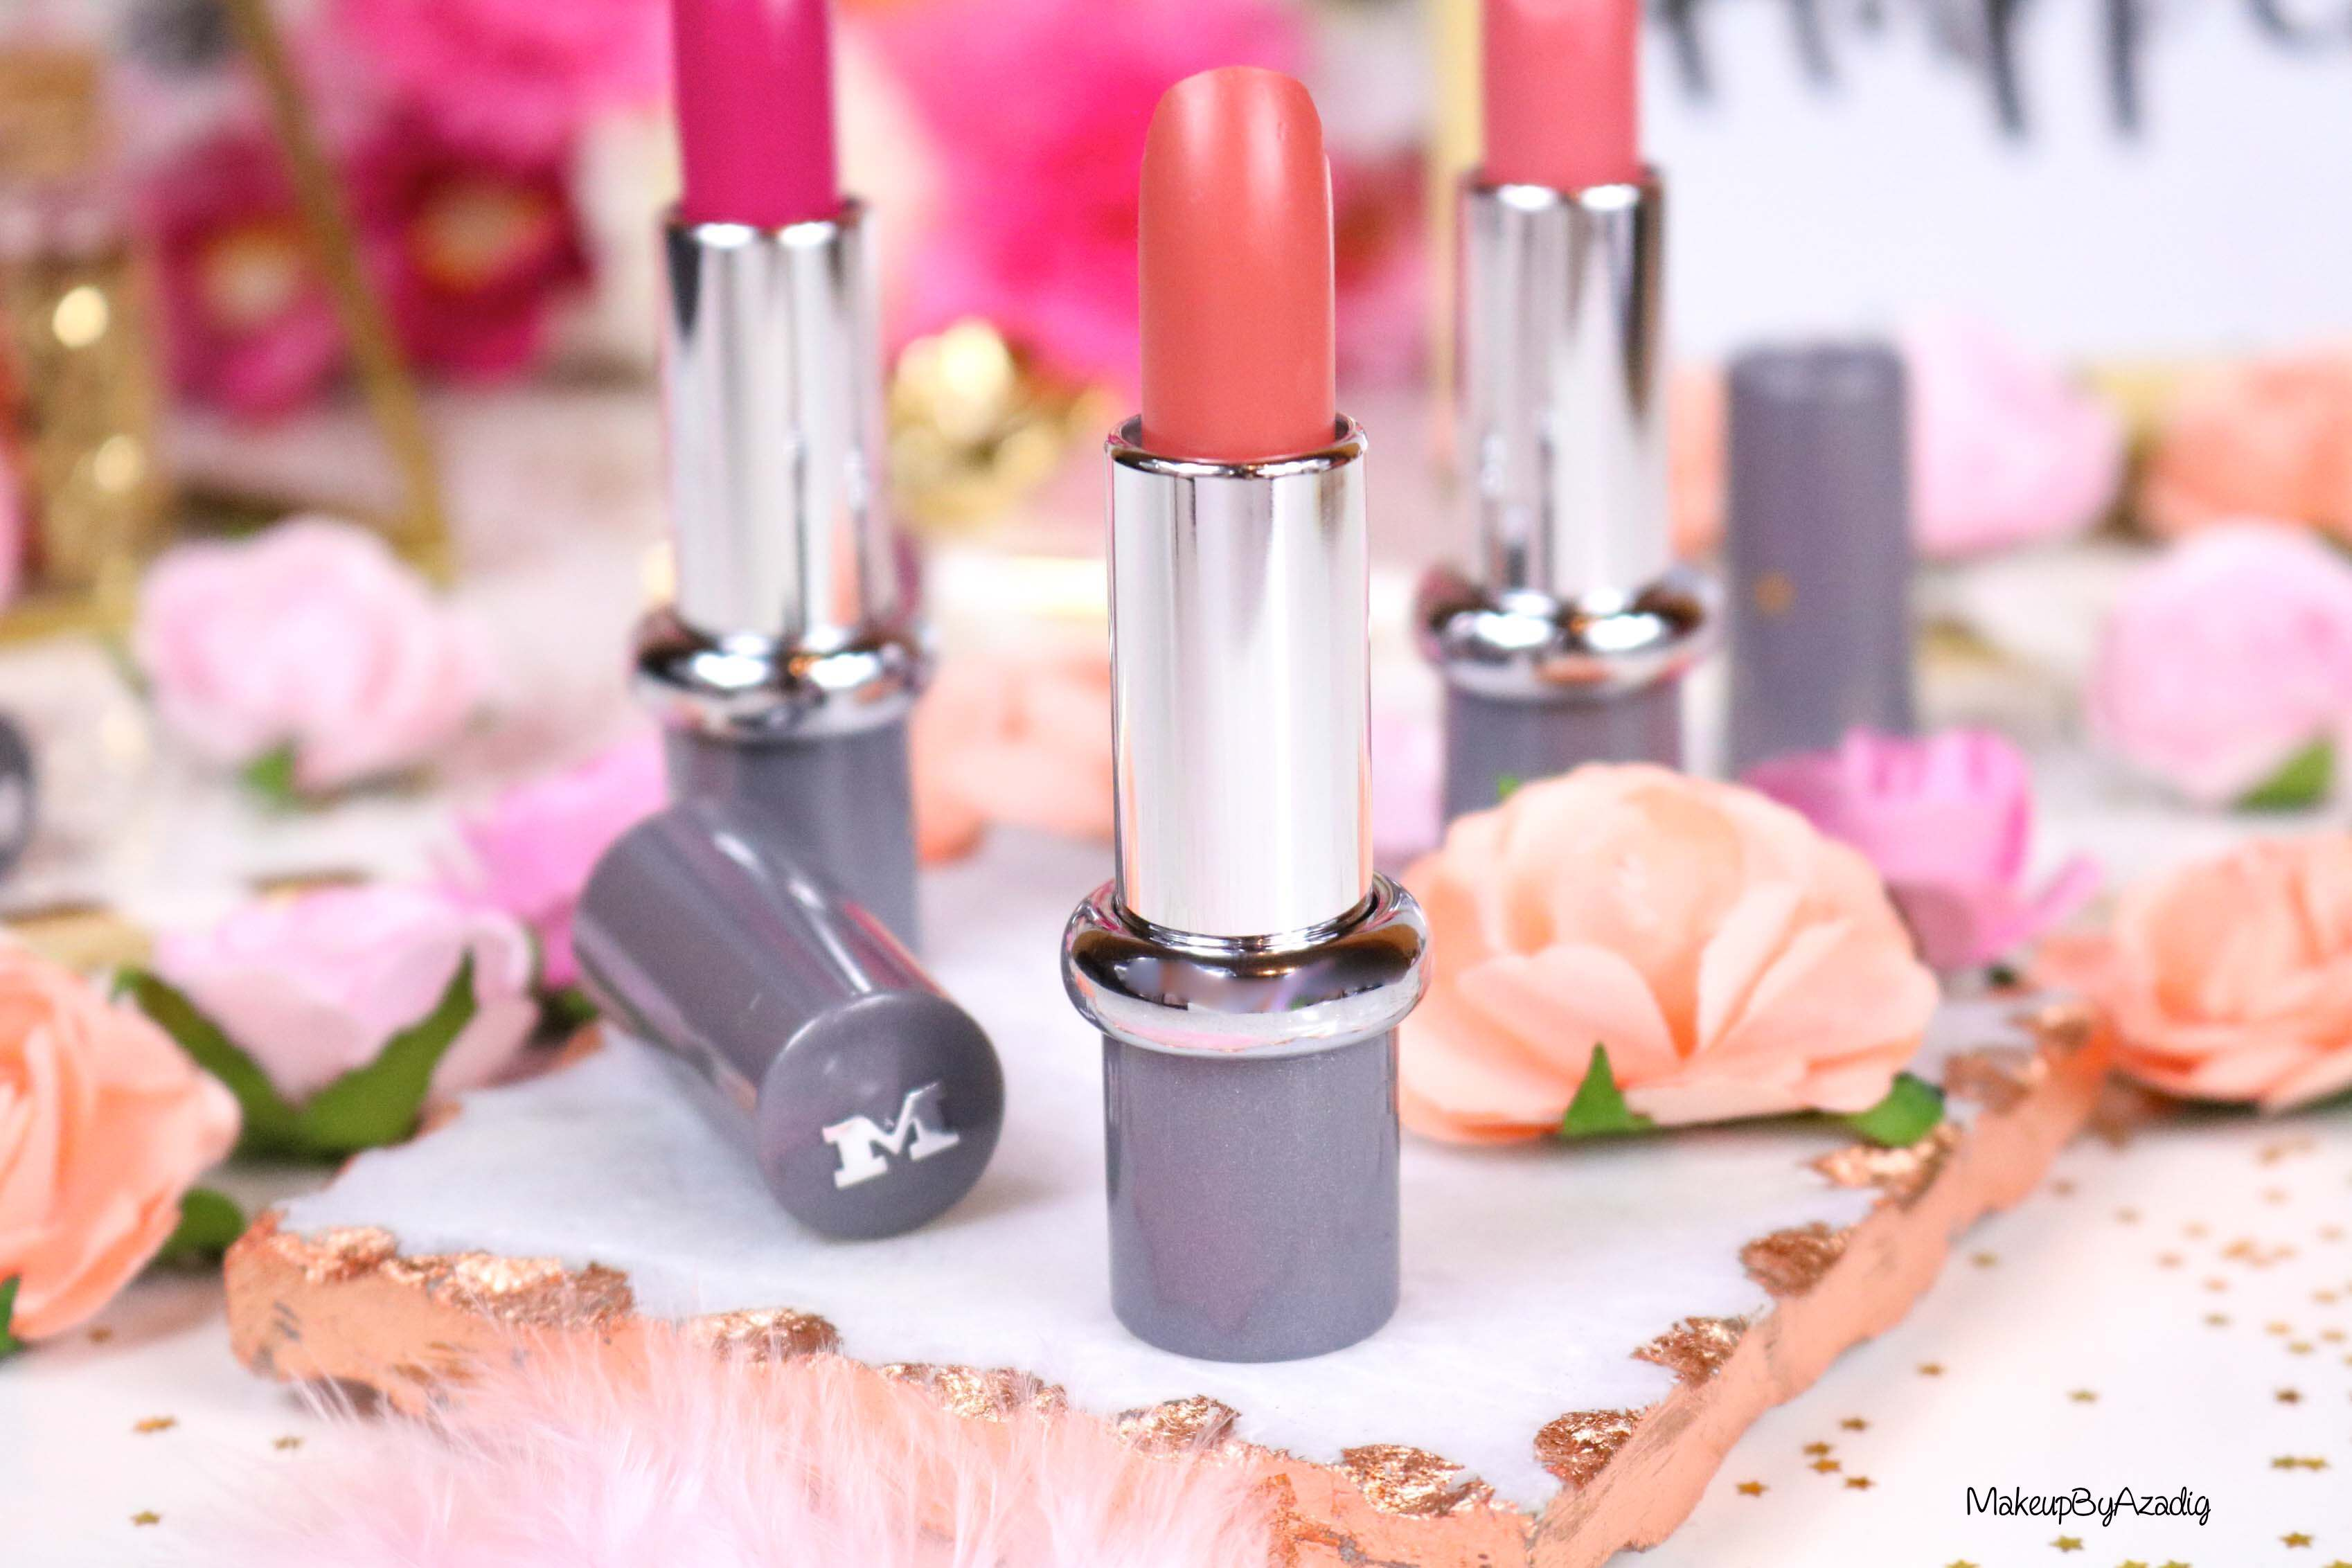 revue-rouge-levres-mavala-soin-monoprix-collection-printemps-ete-rose-nude-violet-avis-prix-makeupbyazadig-daisy